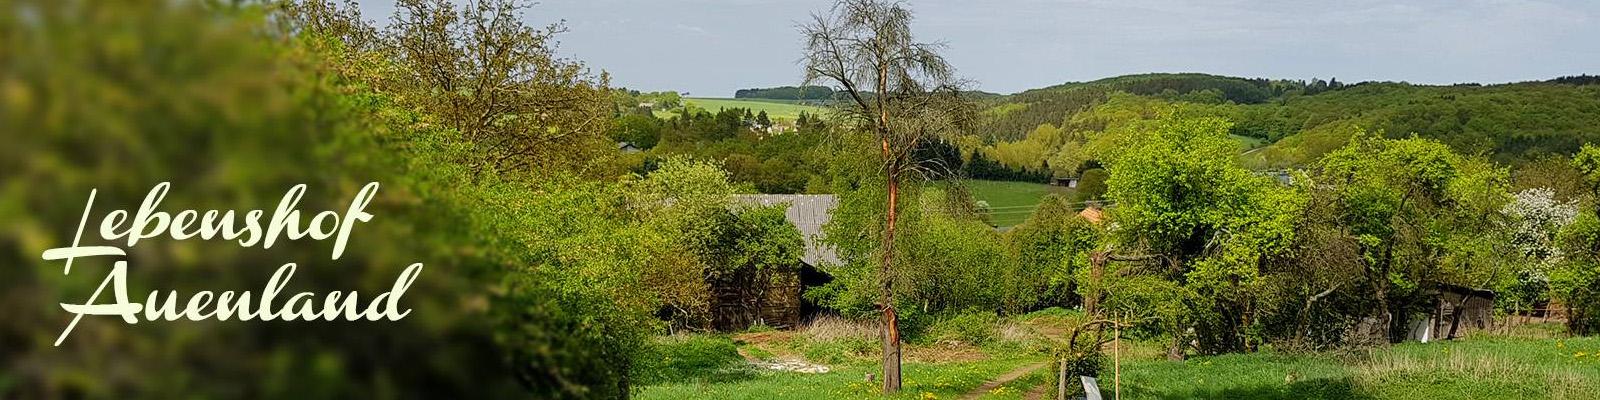 bannerlebenshof